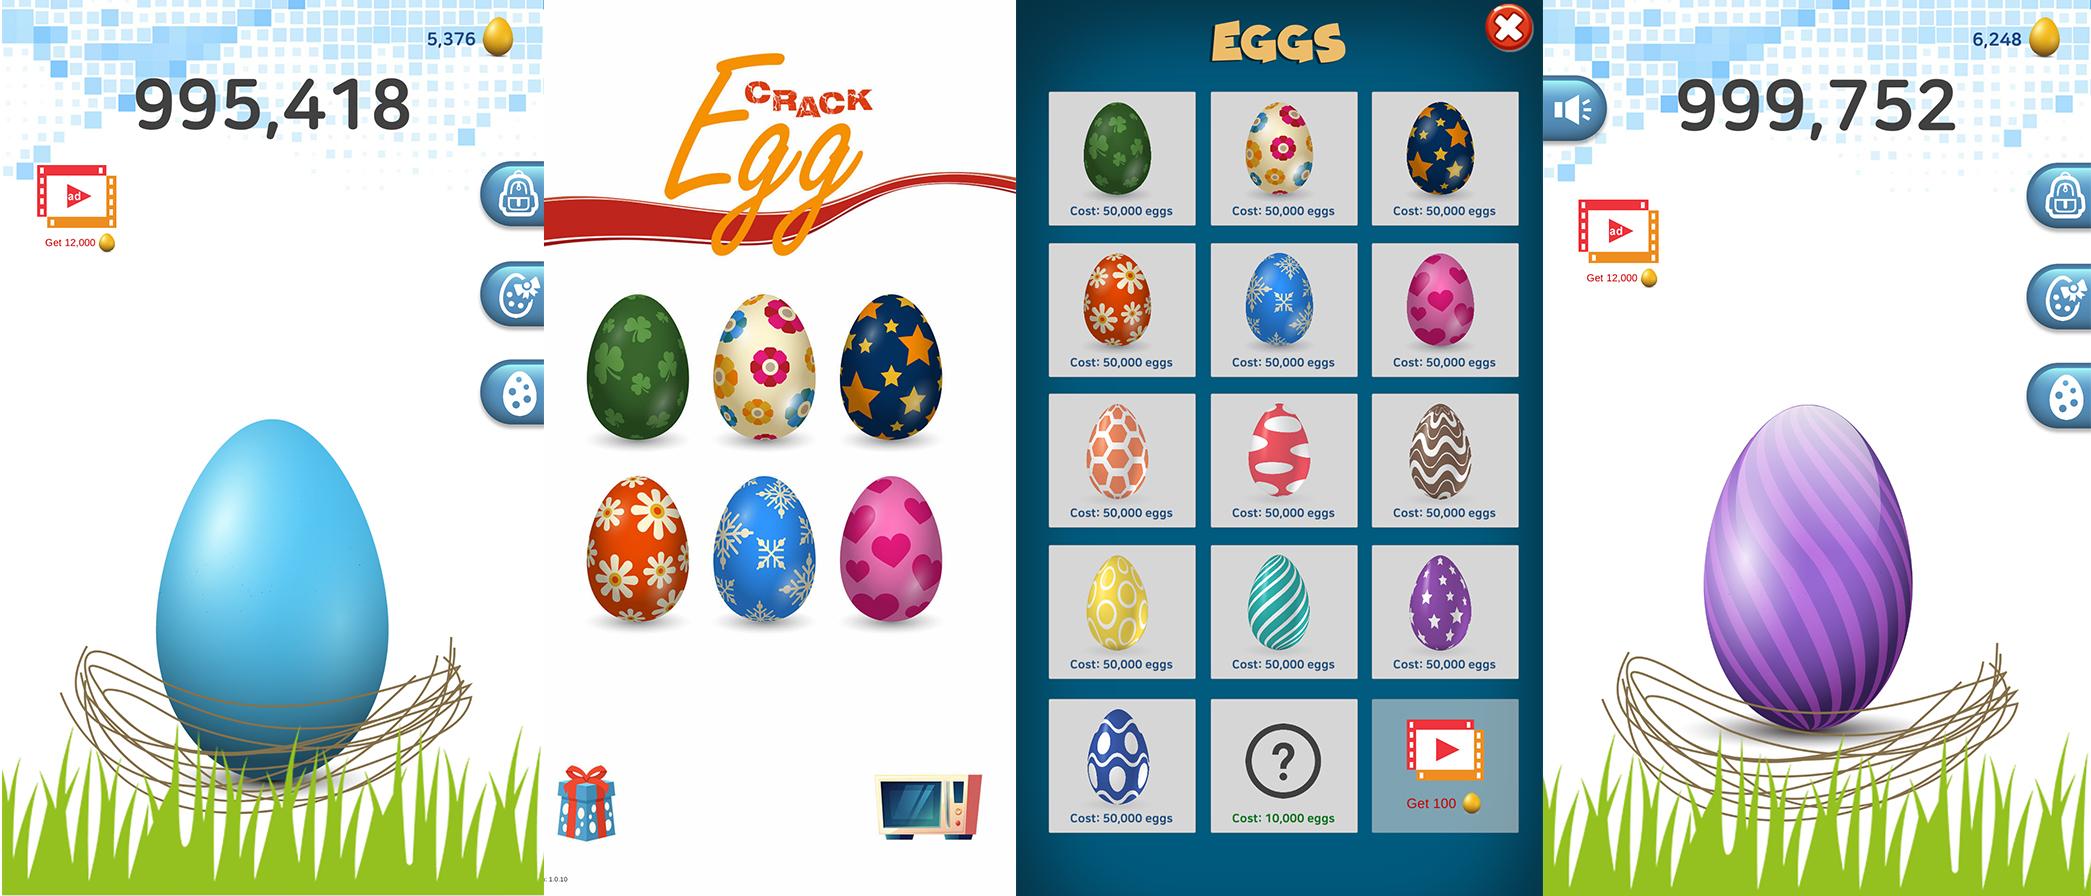 Crack Egg